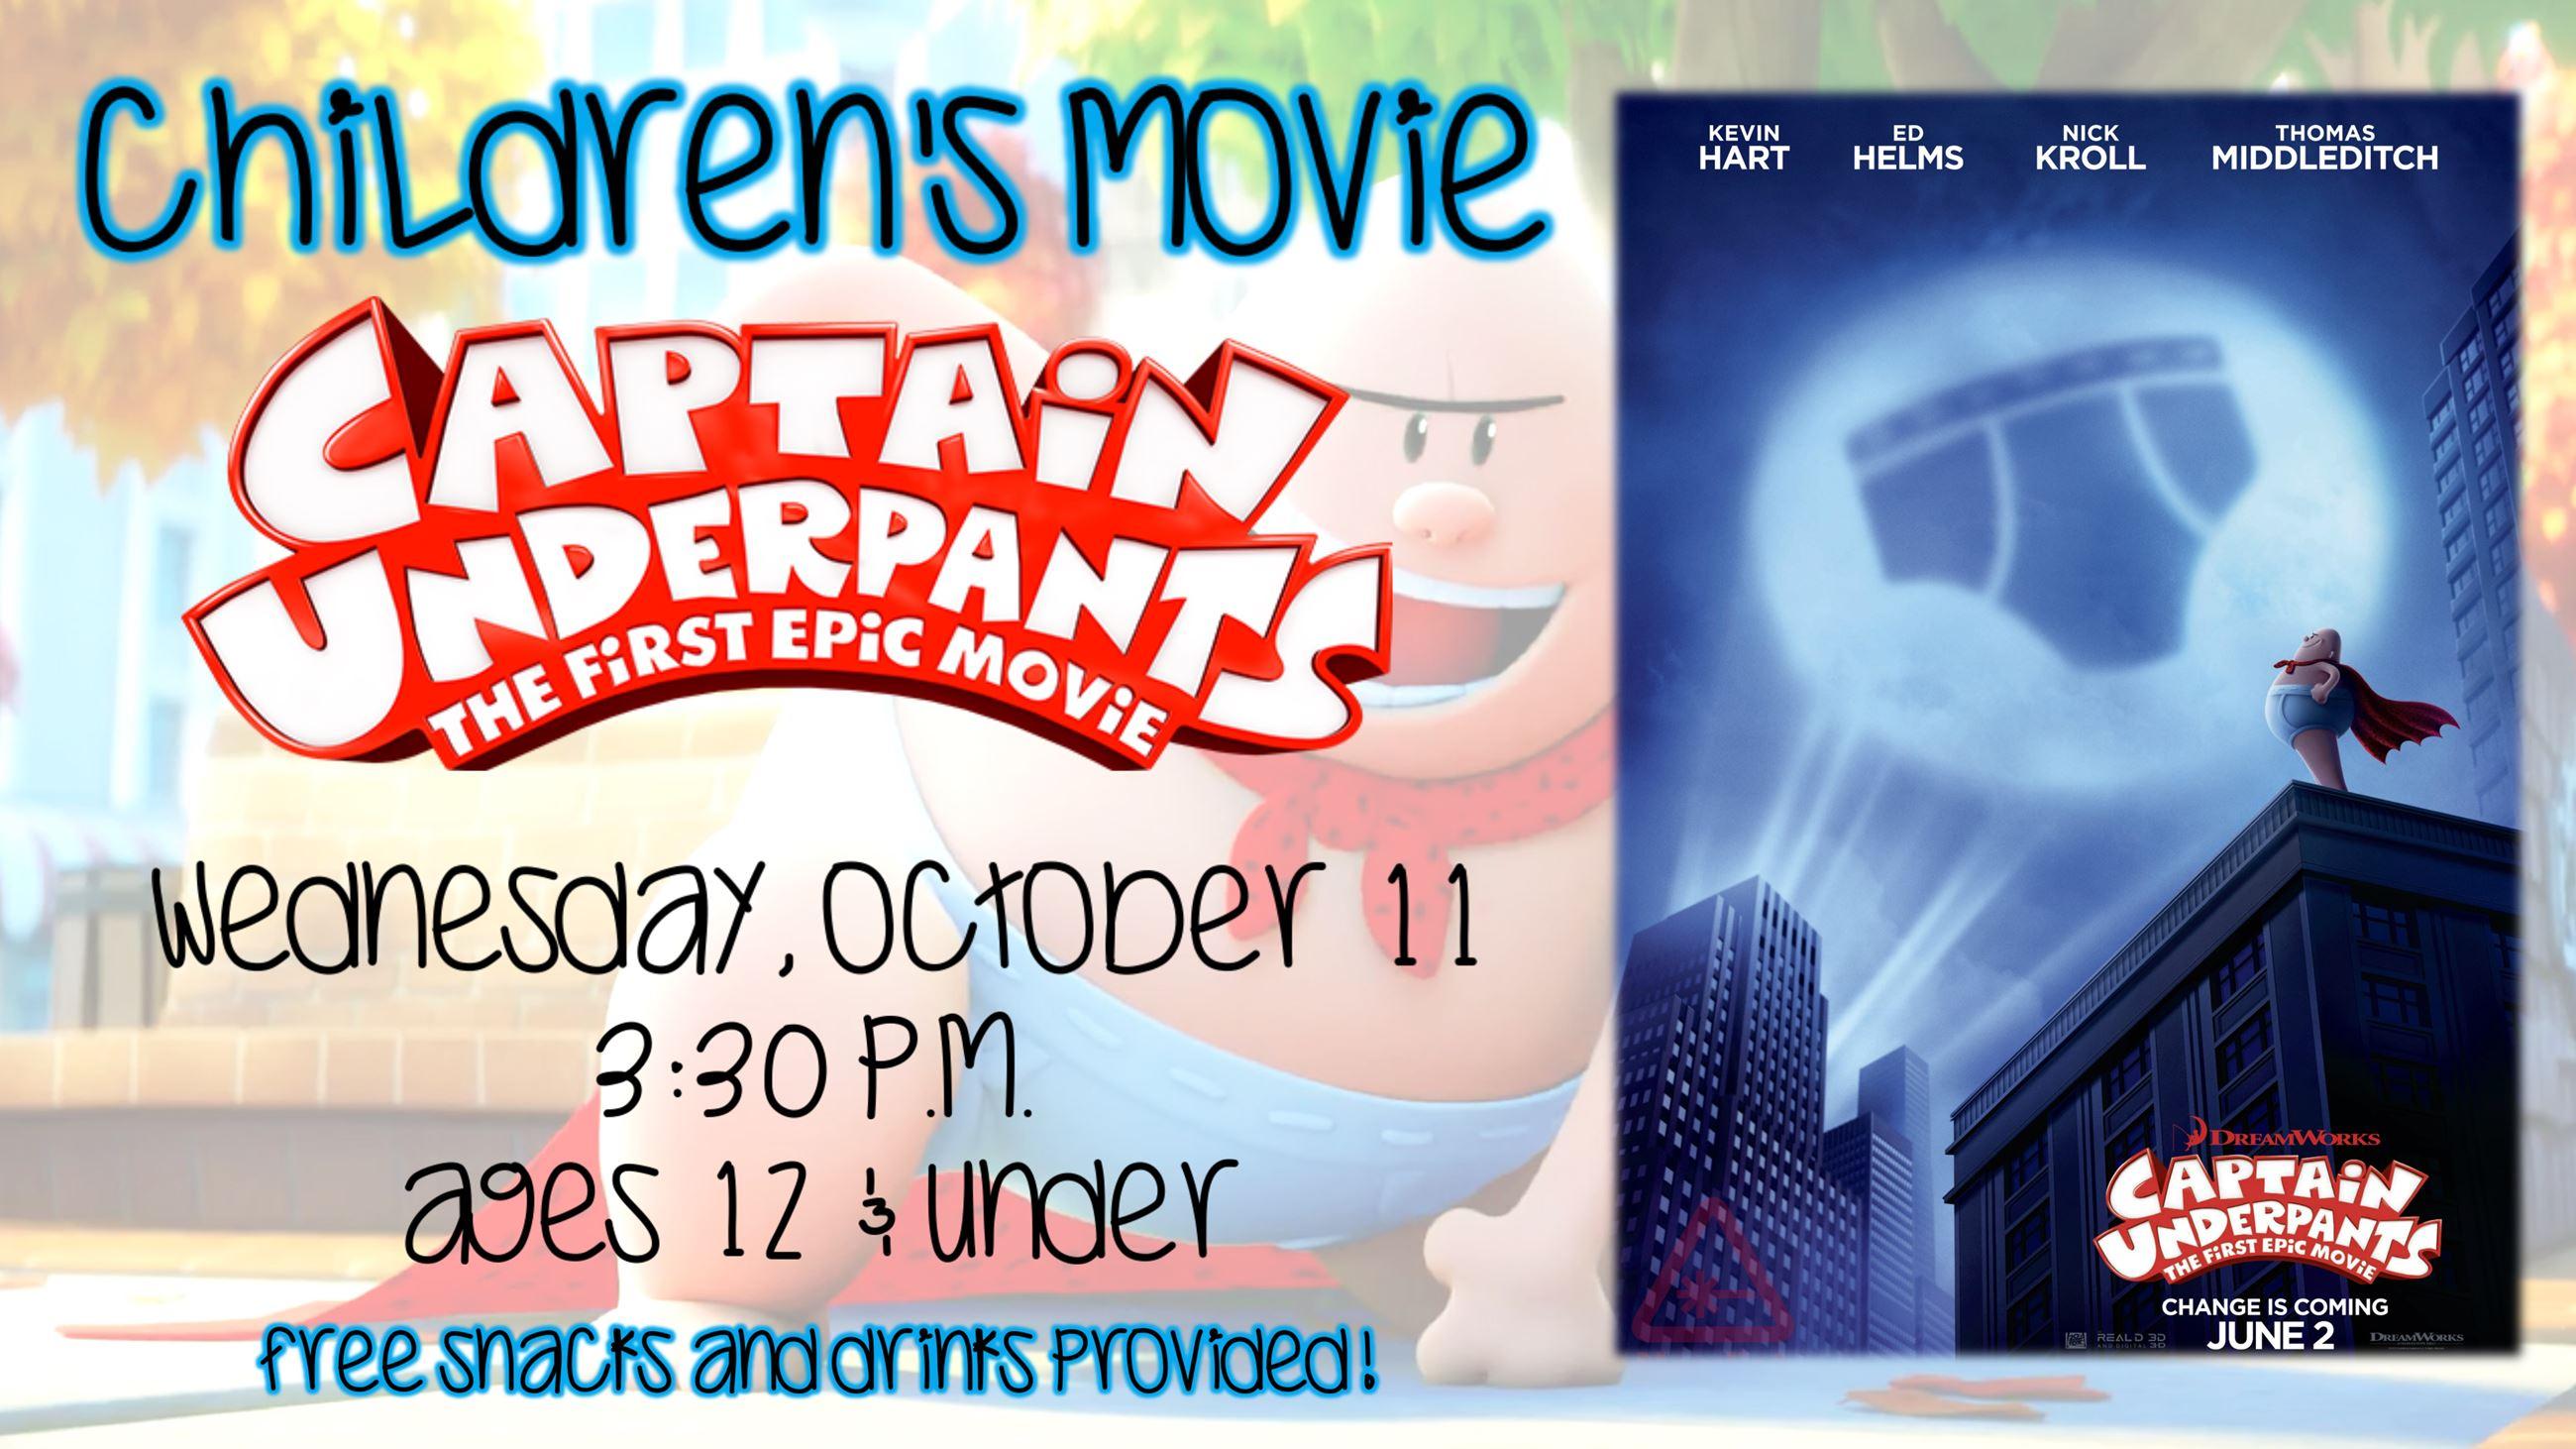 Childrens Movie Captain Underpants